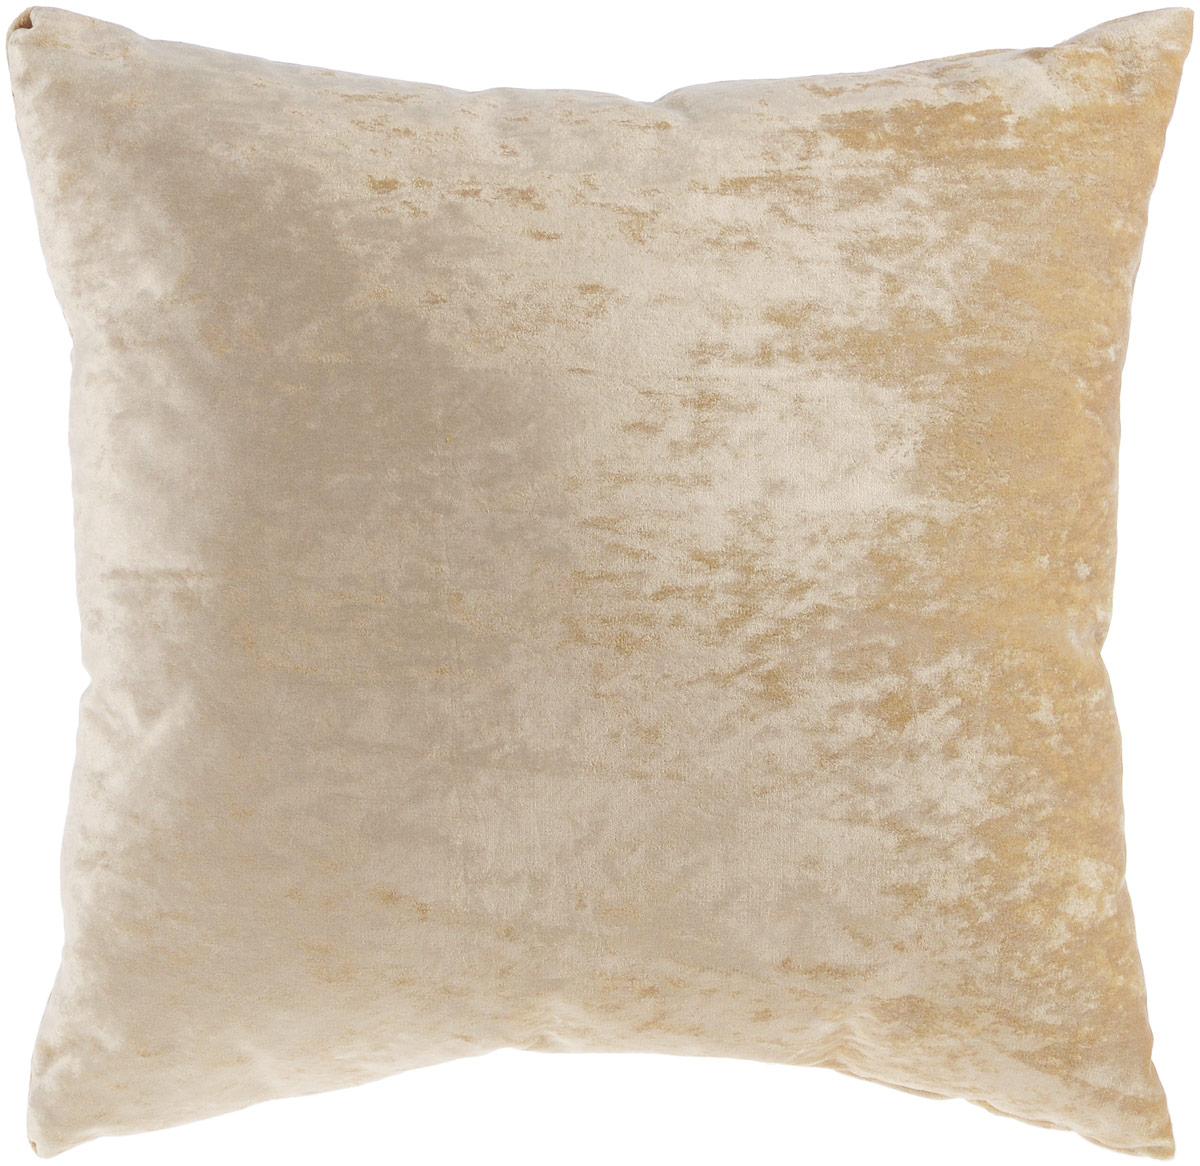 Подушка декоративная KauffOrt Бархат, цвет: бежевый, 40 x 40 см3121039625Декоративная подушка Бархат прекрасно дополнит интерьер спальни или гостиной. Бархатистый на ощупь чехол подушки выполнен из 49% вискозы, 42% хлопка и 9% полиэстера. Внутри находится мягкий наполнитель. Чехол легко снимается благодаря потайной молнии.Красивая подушка создаст атмосферу уюта и комфорта в спальне и станет прекрасным элементом декора.